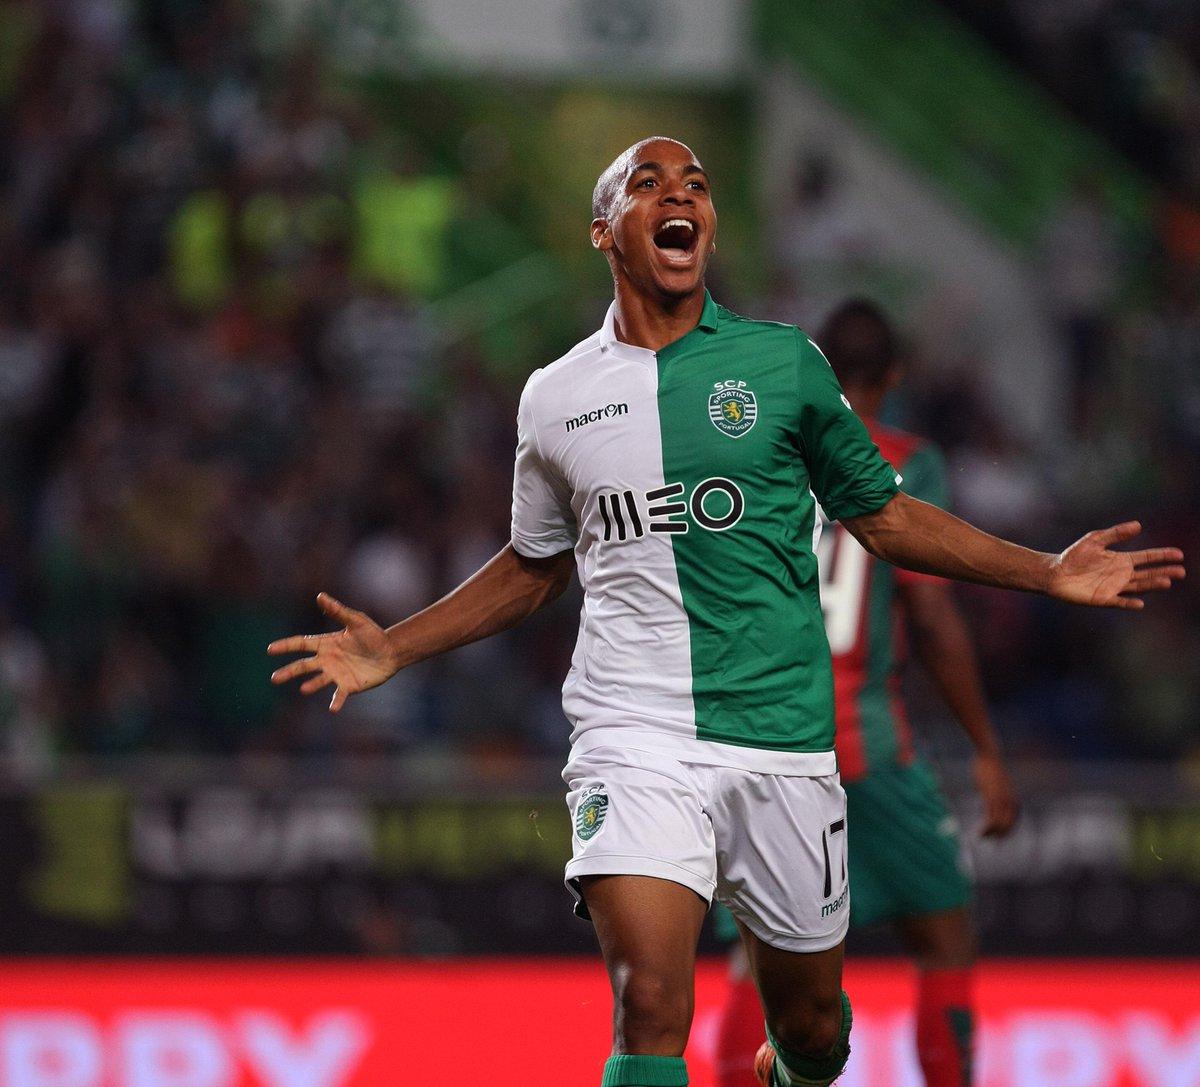 Depois de assistir para o 3.º golo, João Mário marca o 4-0 sobre a Alemanha! #Sub21